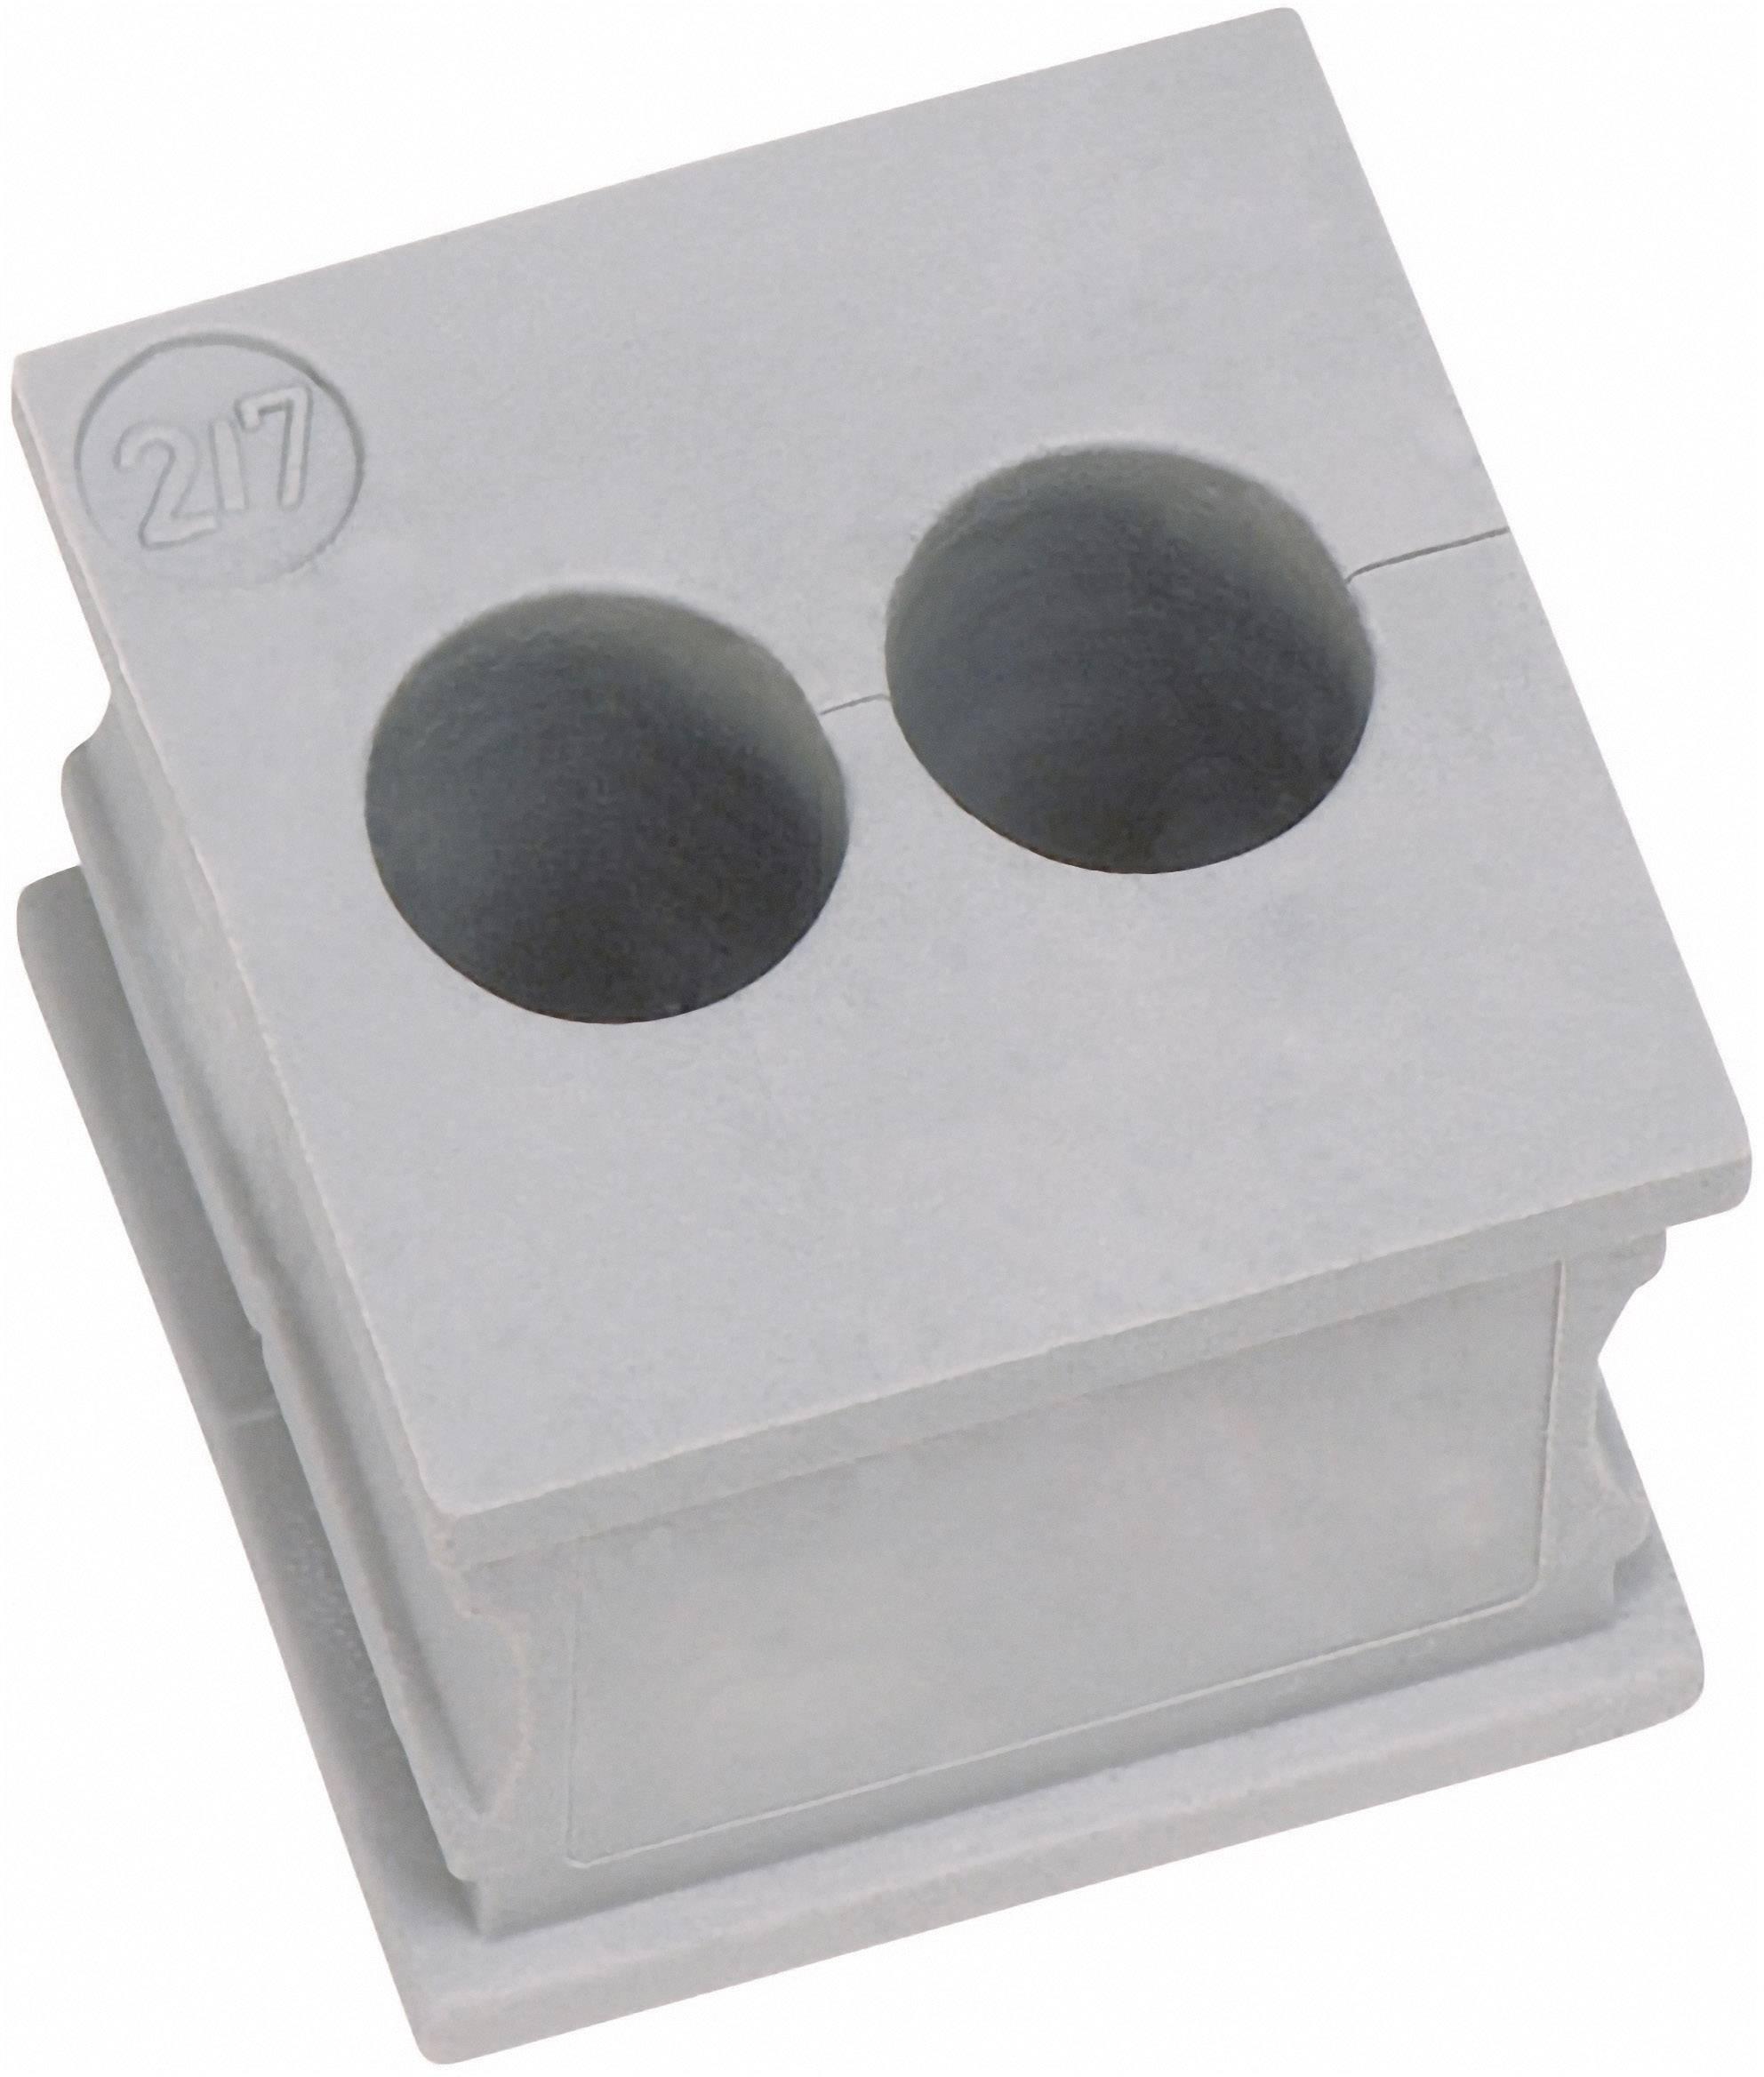 Icotek Kabelska kapa KT majhna, KT 2/7 za kabel- 2 x 7 mm, elastomer, siva